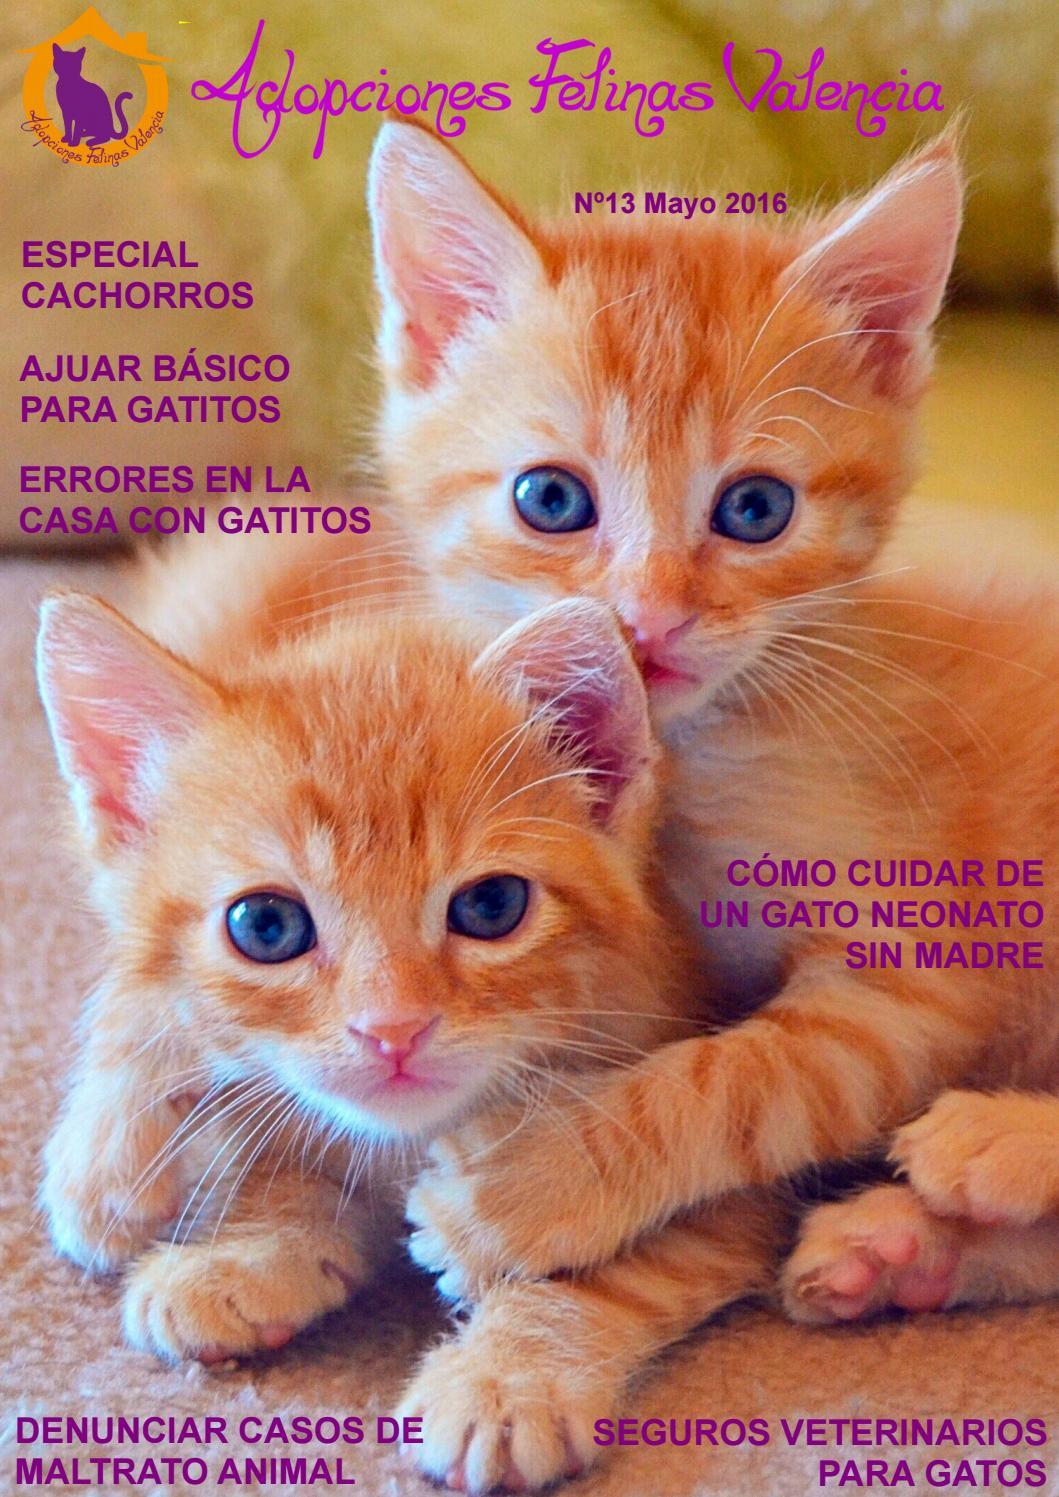 Adopciones Felinas Valencia Nº13 Mayo 2016 By Adopciones Felinas Valencia Issuu